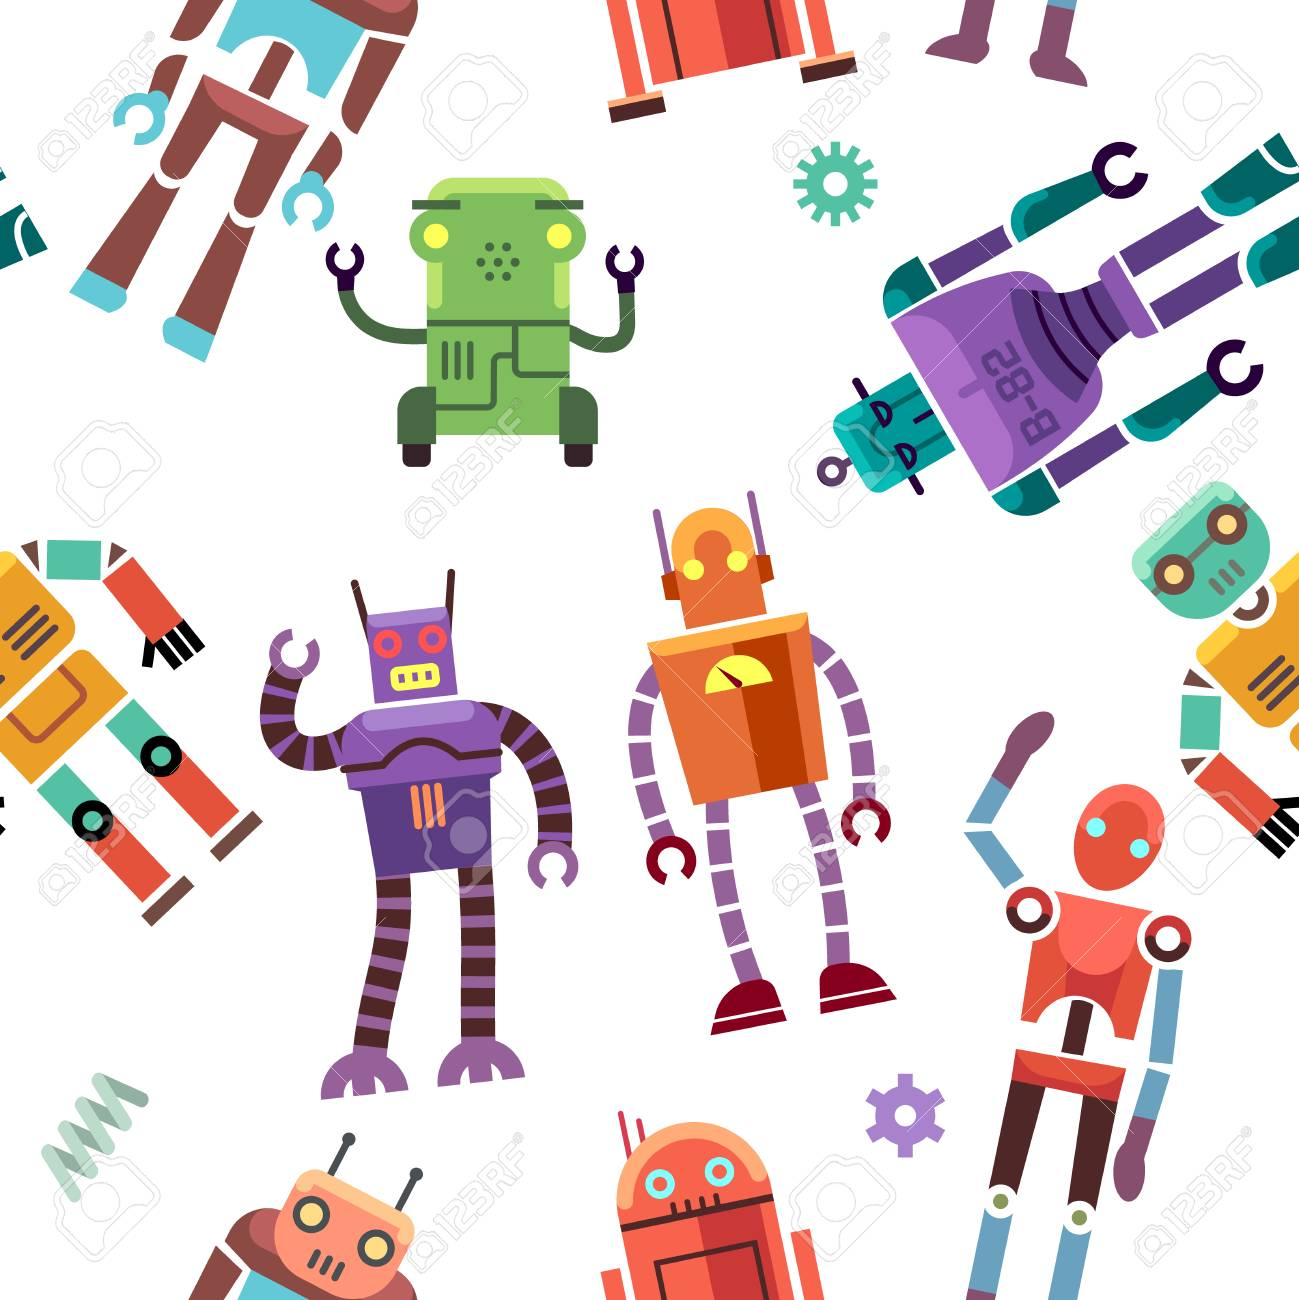 子供のおもちゃロボット ヒューマノイド 宇宙飛行士 ベクトルはサイボーグ シームレス パターン色おもちゃロボット ロボット機械のおもちゃのイラストのイラスト素材 ベクタ Image